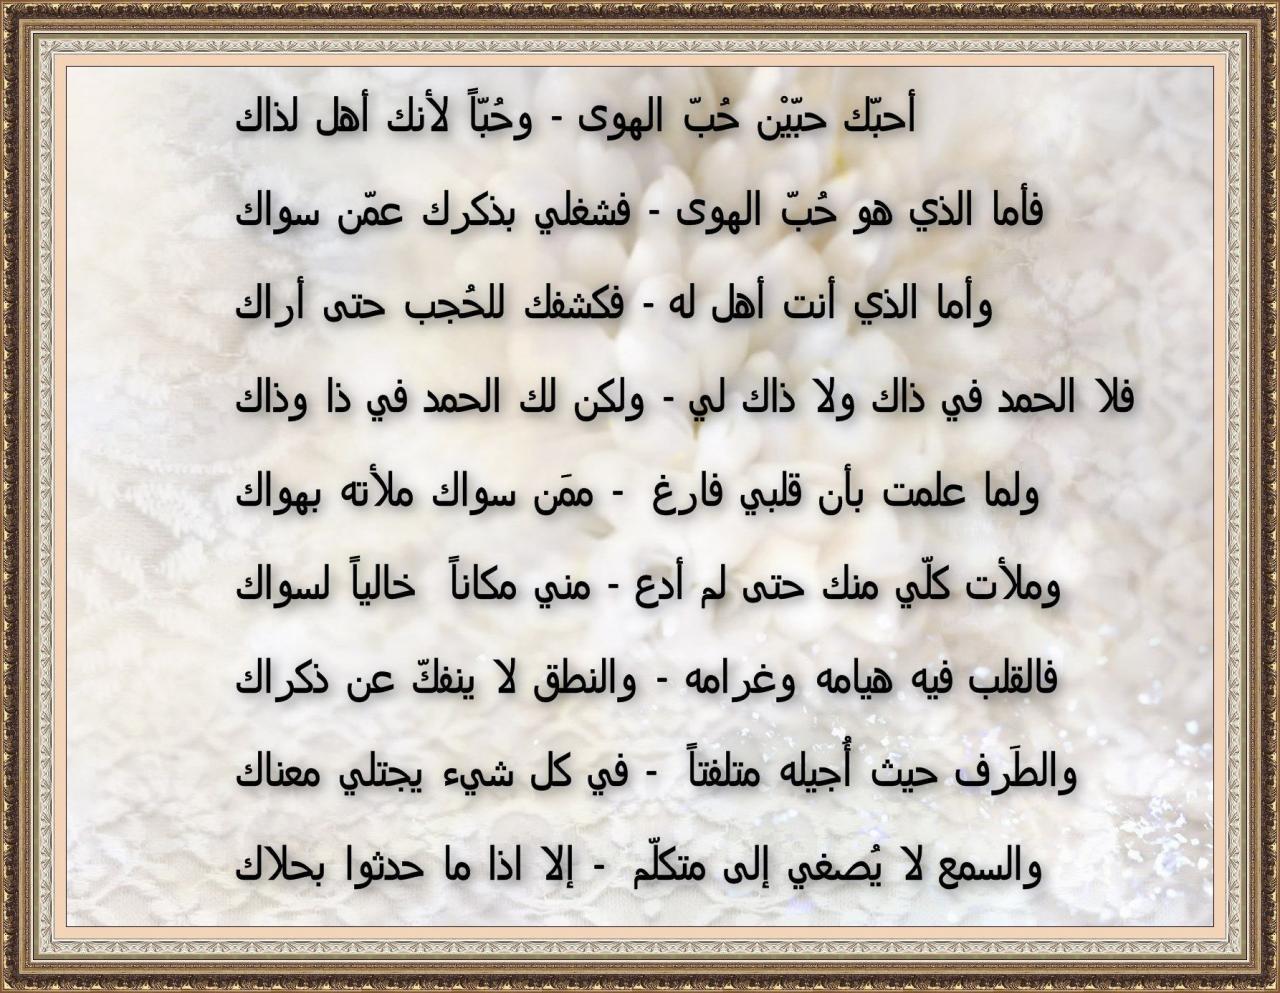 صورة ابيات شعر حلوه وقويه 117 9